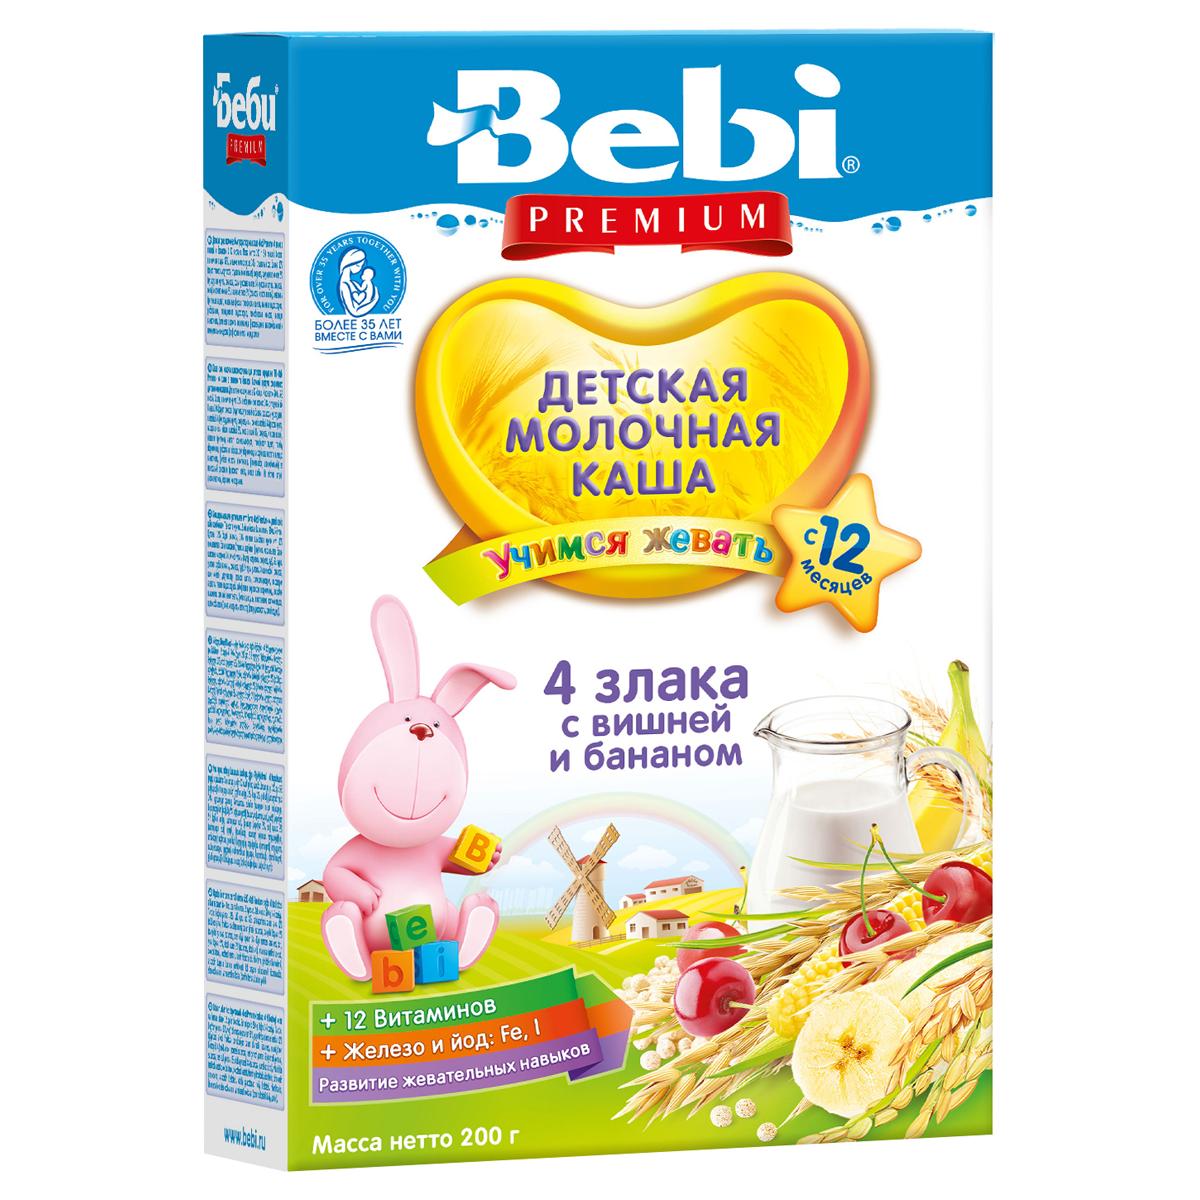 Каша Bebi Junior из 4 злаков 200 гр Мюсли вишня банан с молоком (с 12 мес)<br>